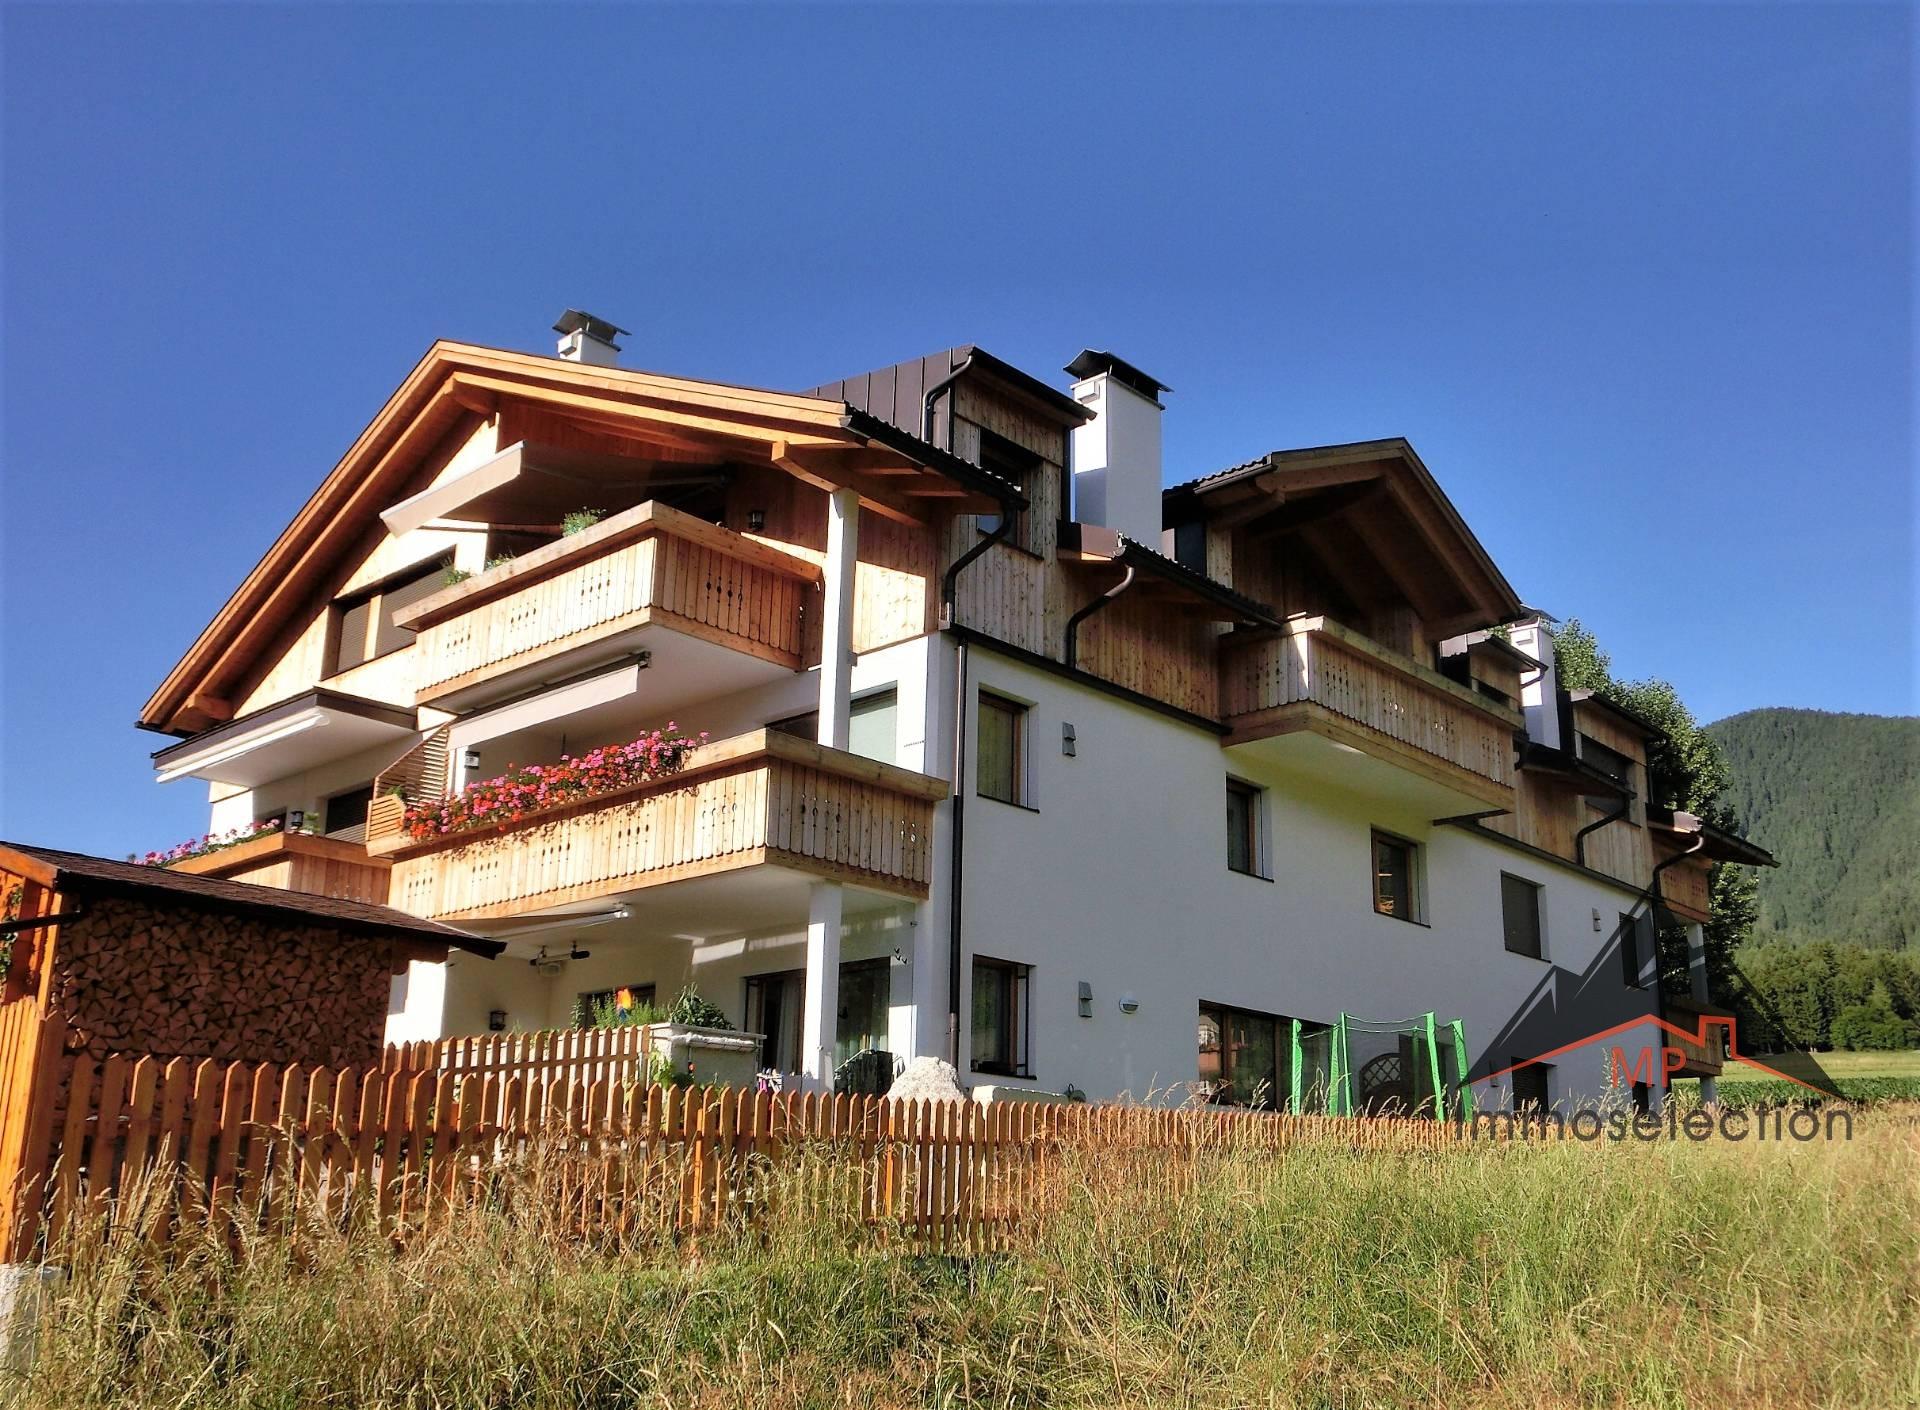 Appartamenti Bilocali In Vendita A Rasun Anterselva Cambiocasa It